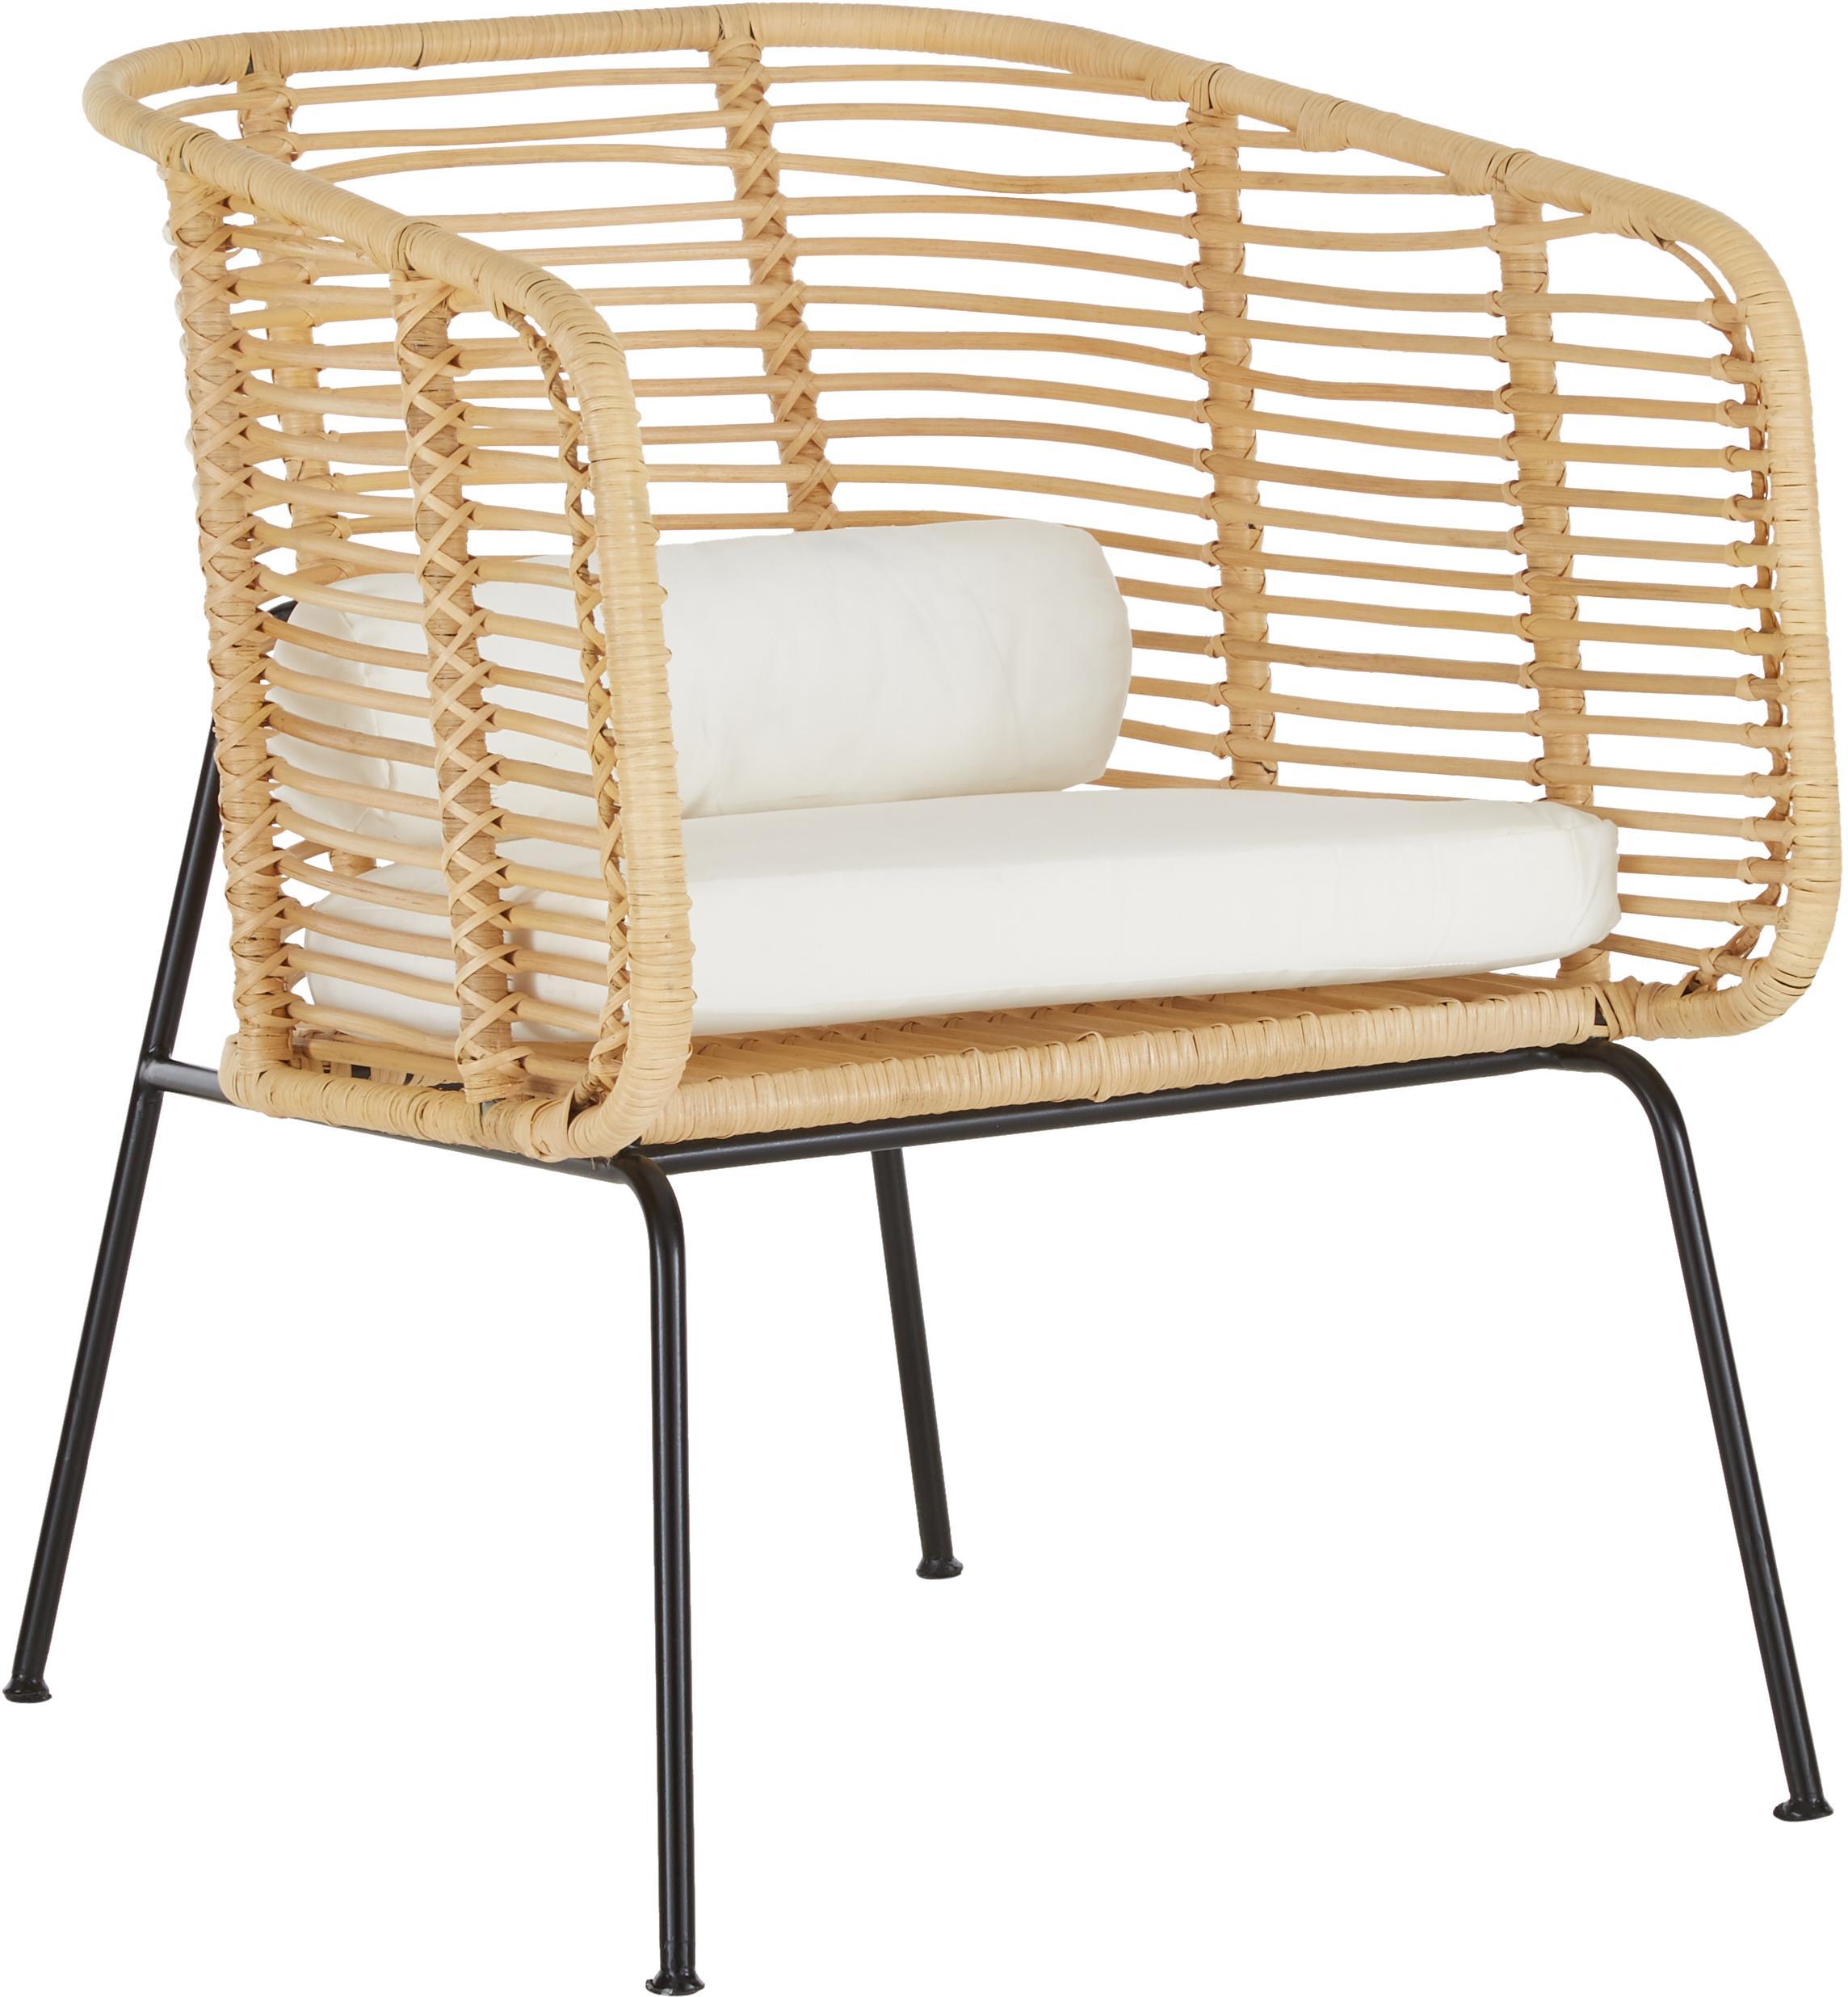 Sillón de ratán Merete, Asiento: ratán, Estructura: metal, recubierto en polv, Beige, blanco, An 72 x F 74 cm